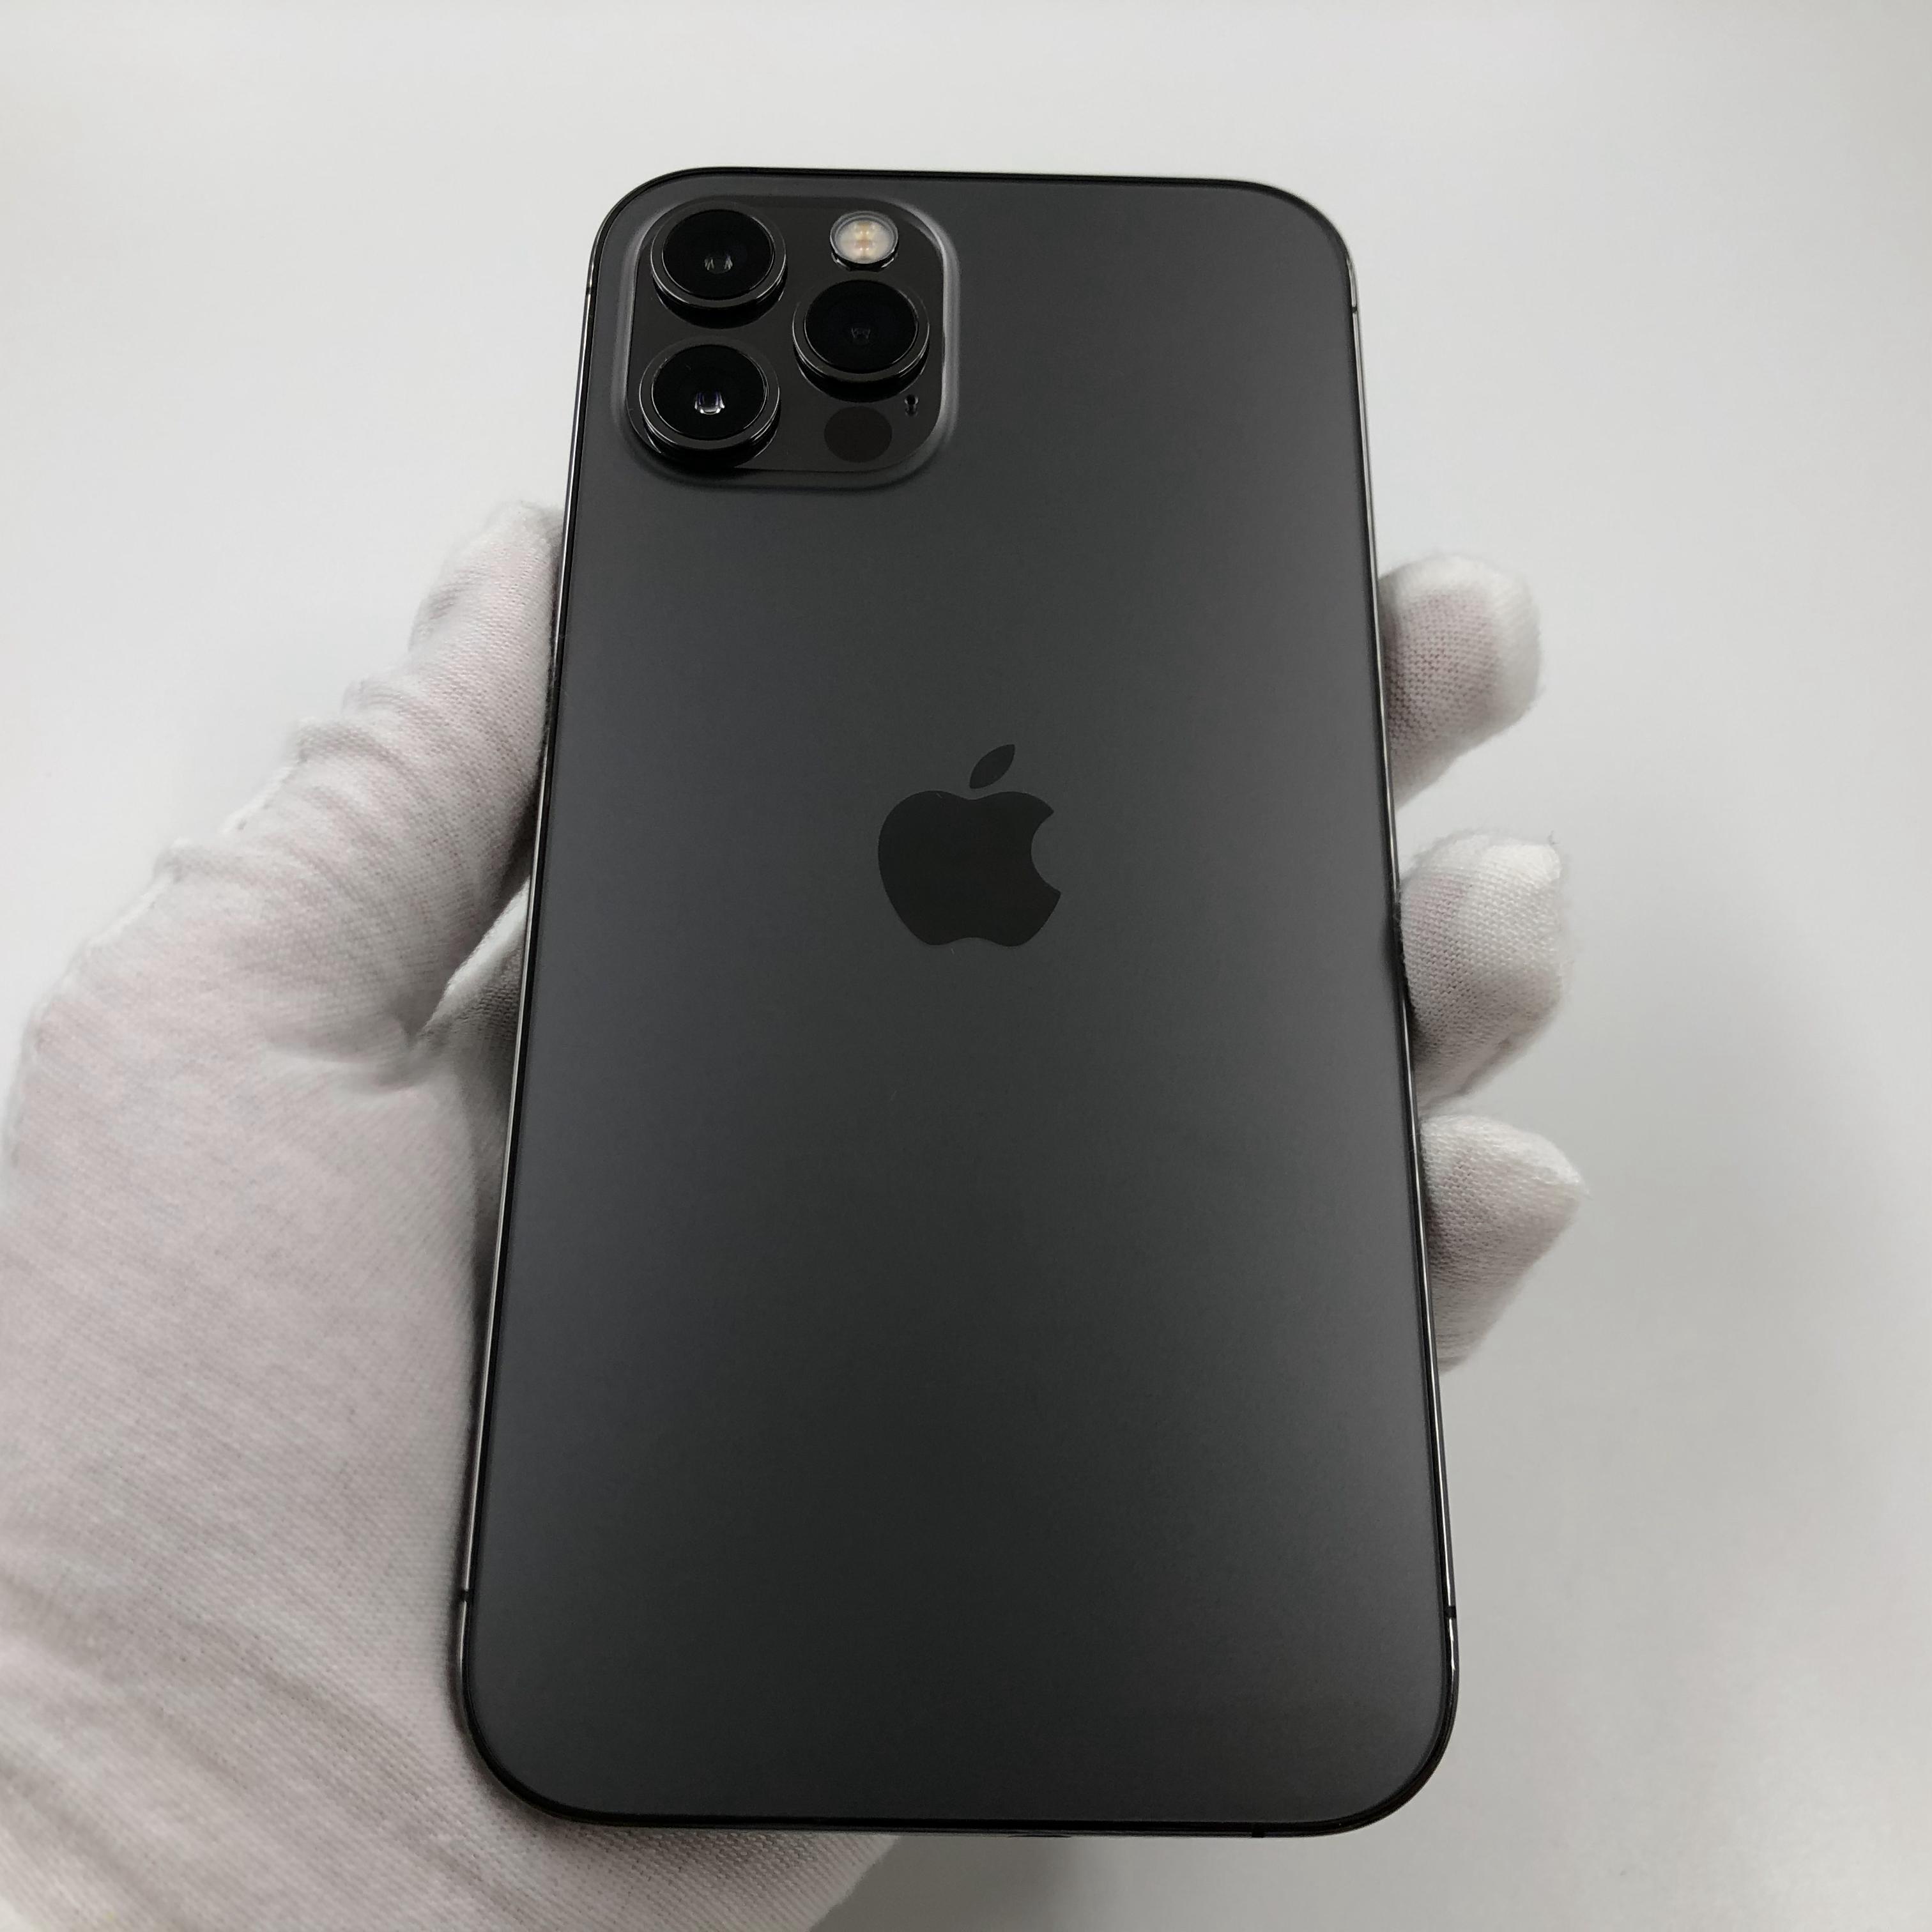 苹果【iPhone 12 Pro】5G全网通 石墨色 128G 国行 8成新 真机实拍官保2022-01-08